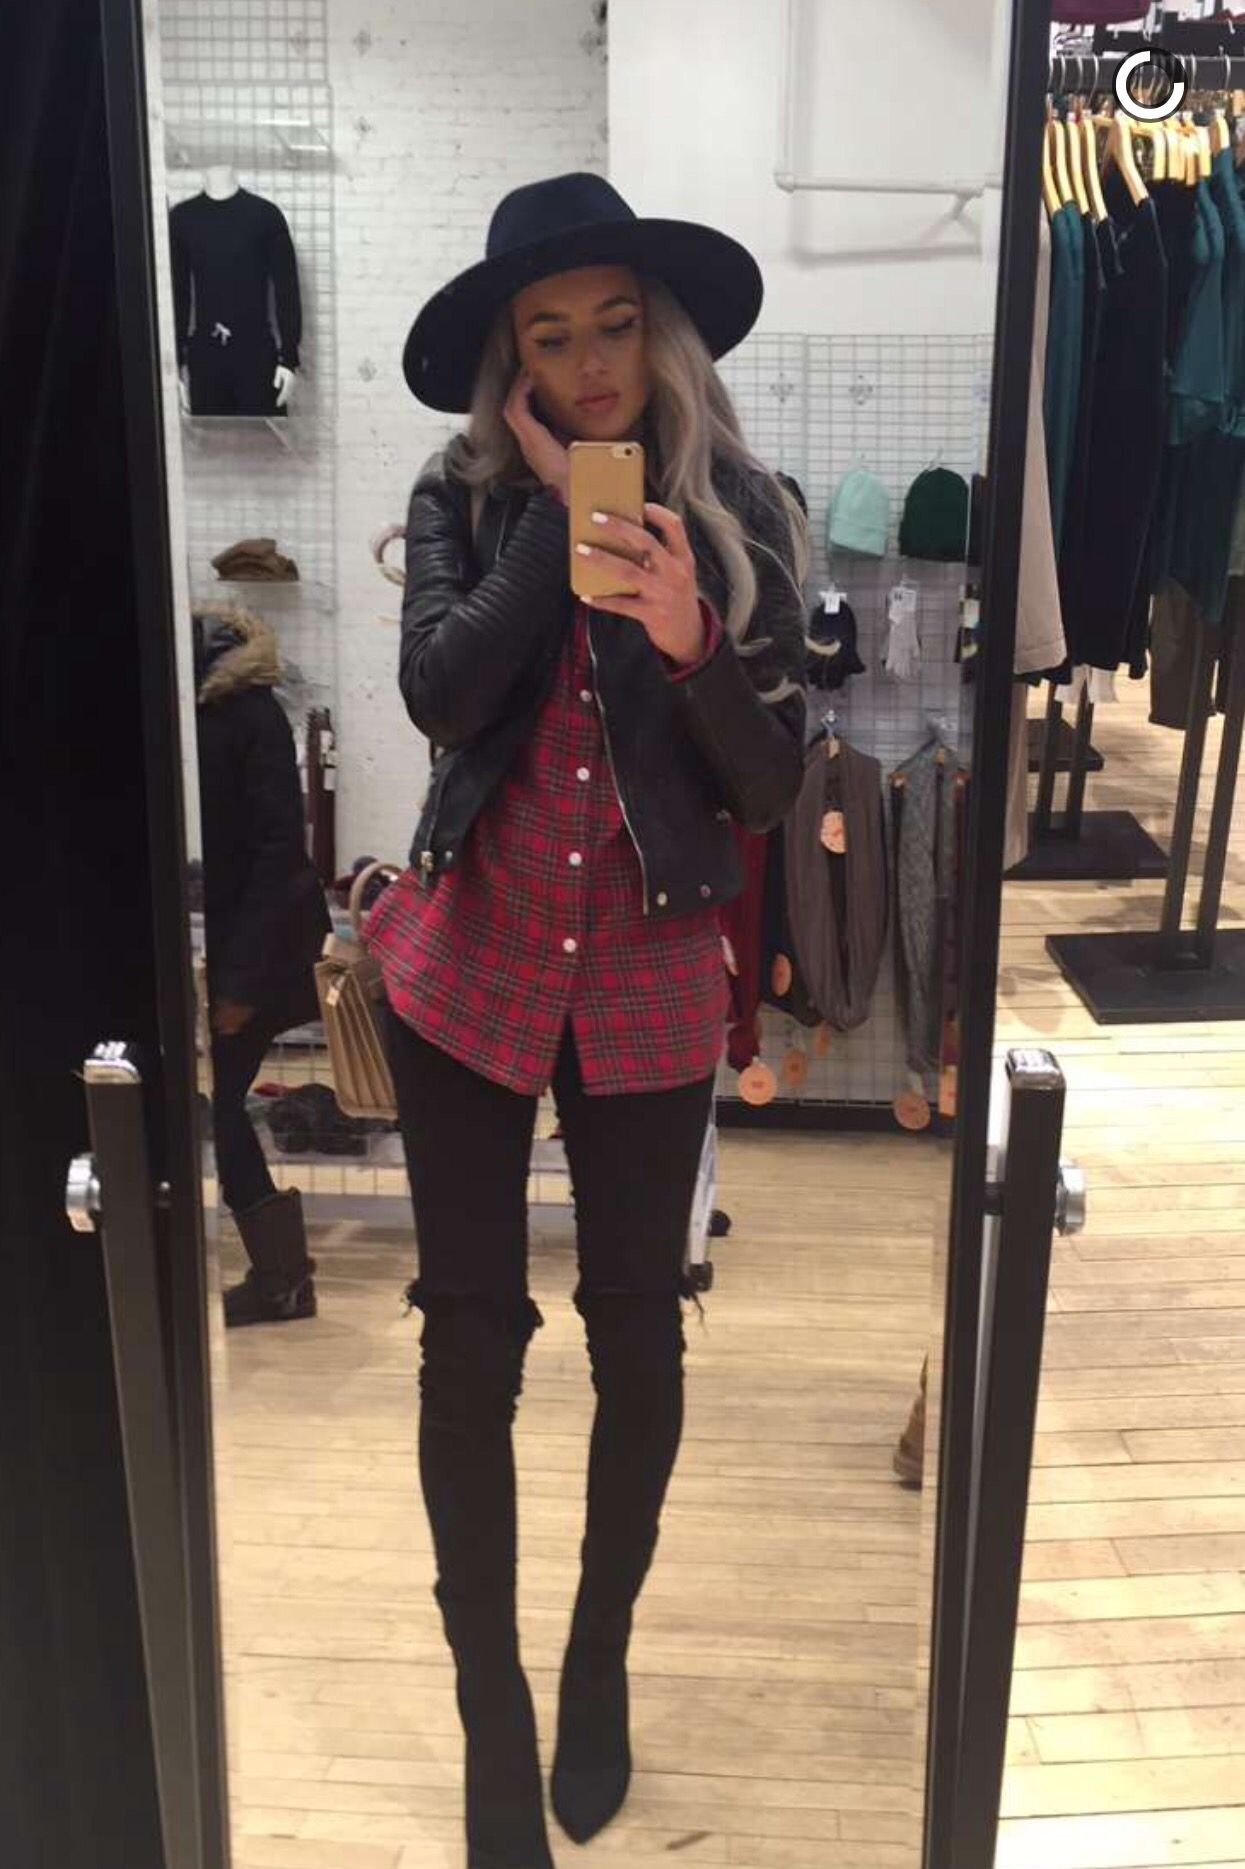 Black jeans + black boots + red plaid shirt + black letaher jacket + black  hat f862b6d468cd